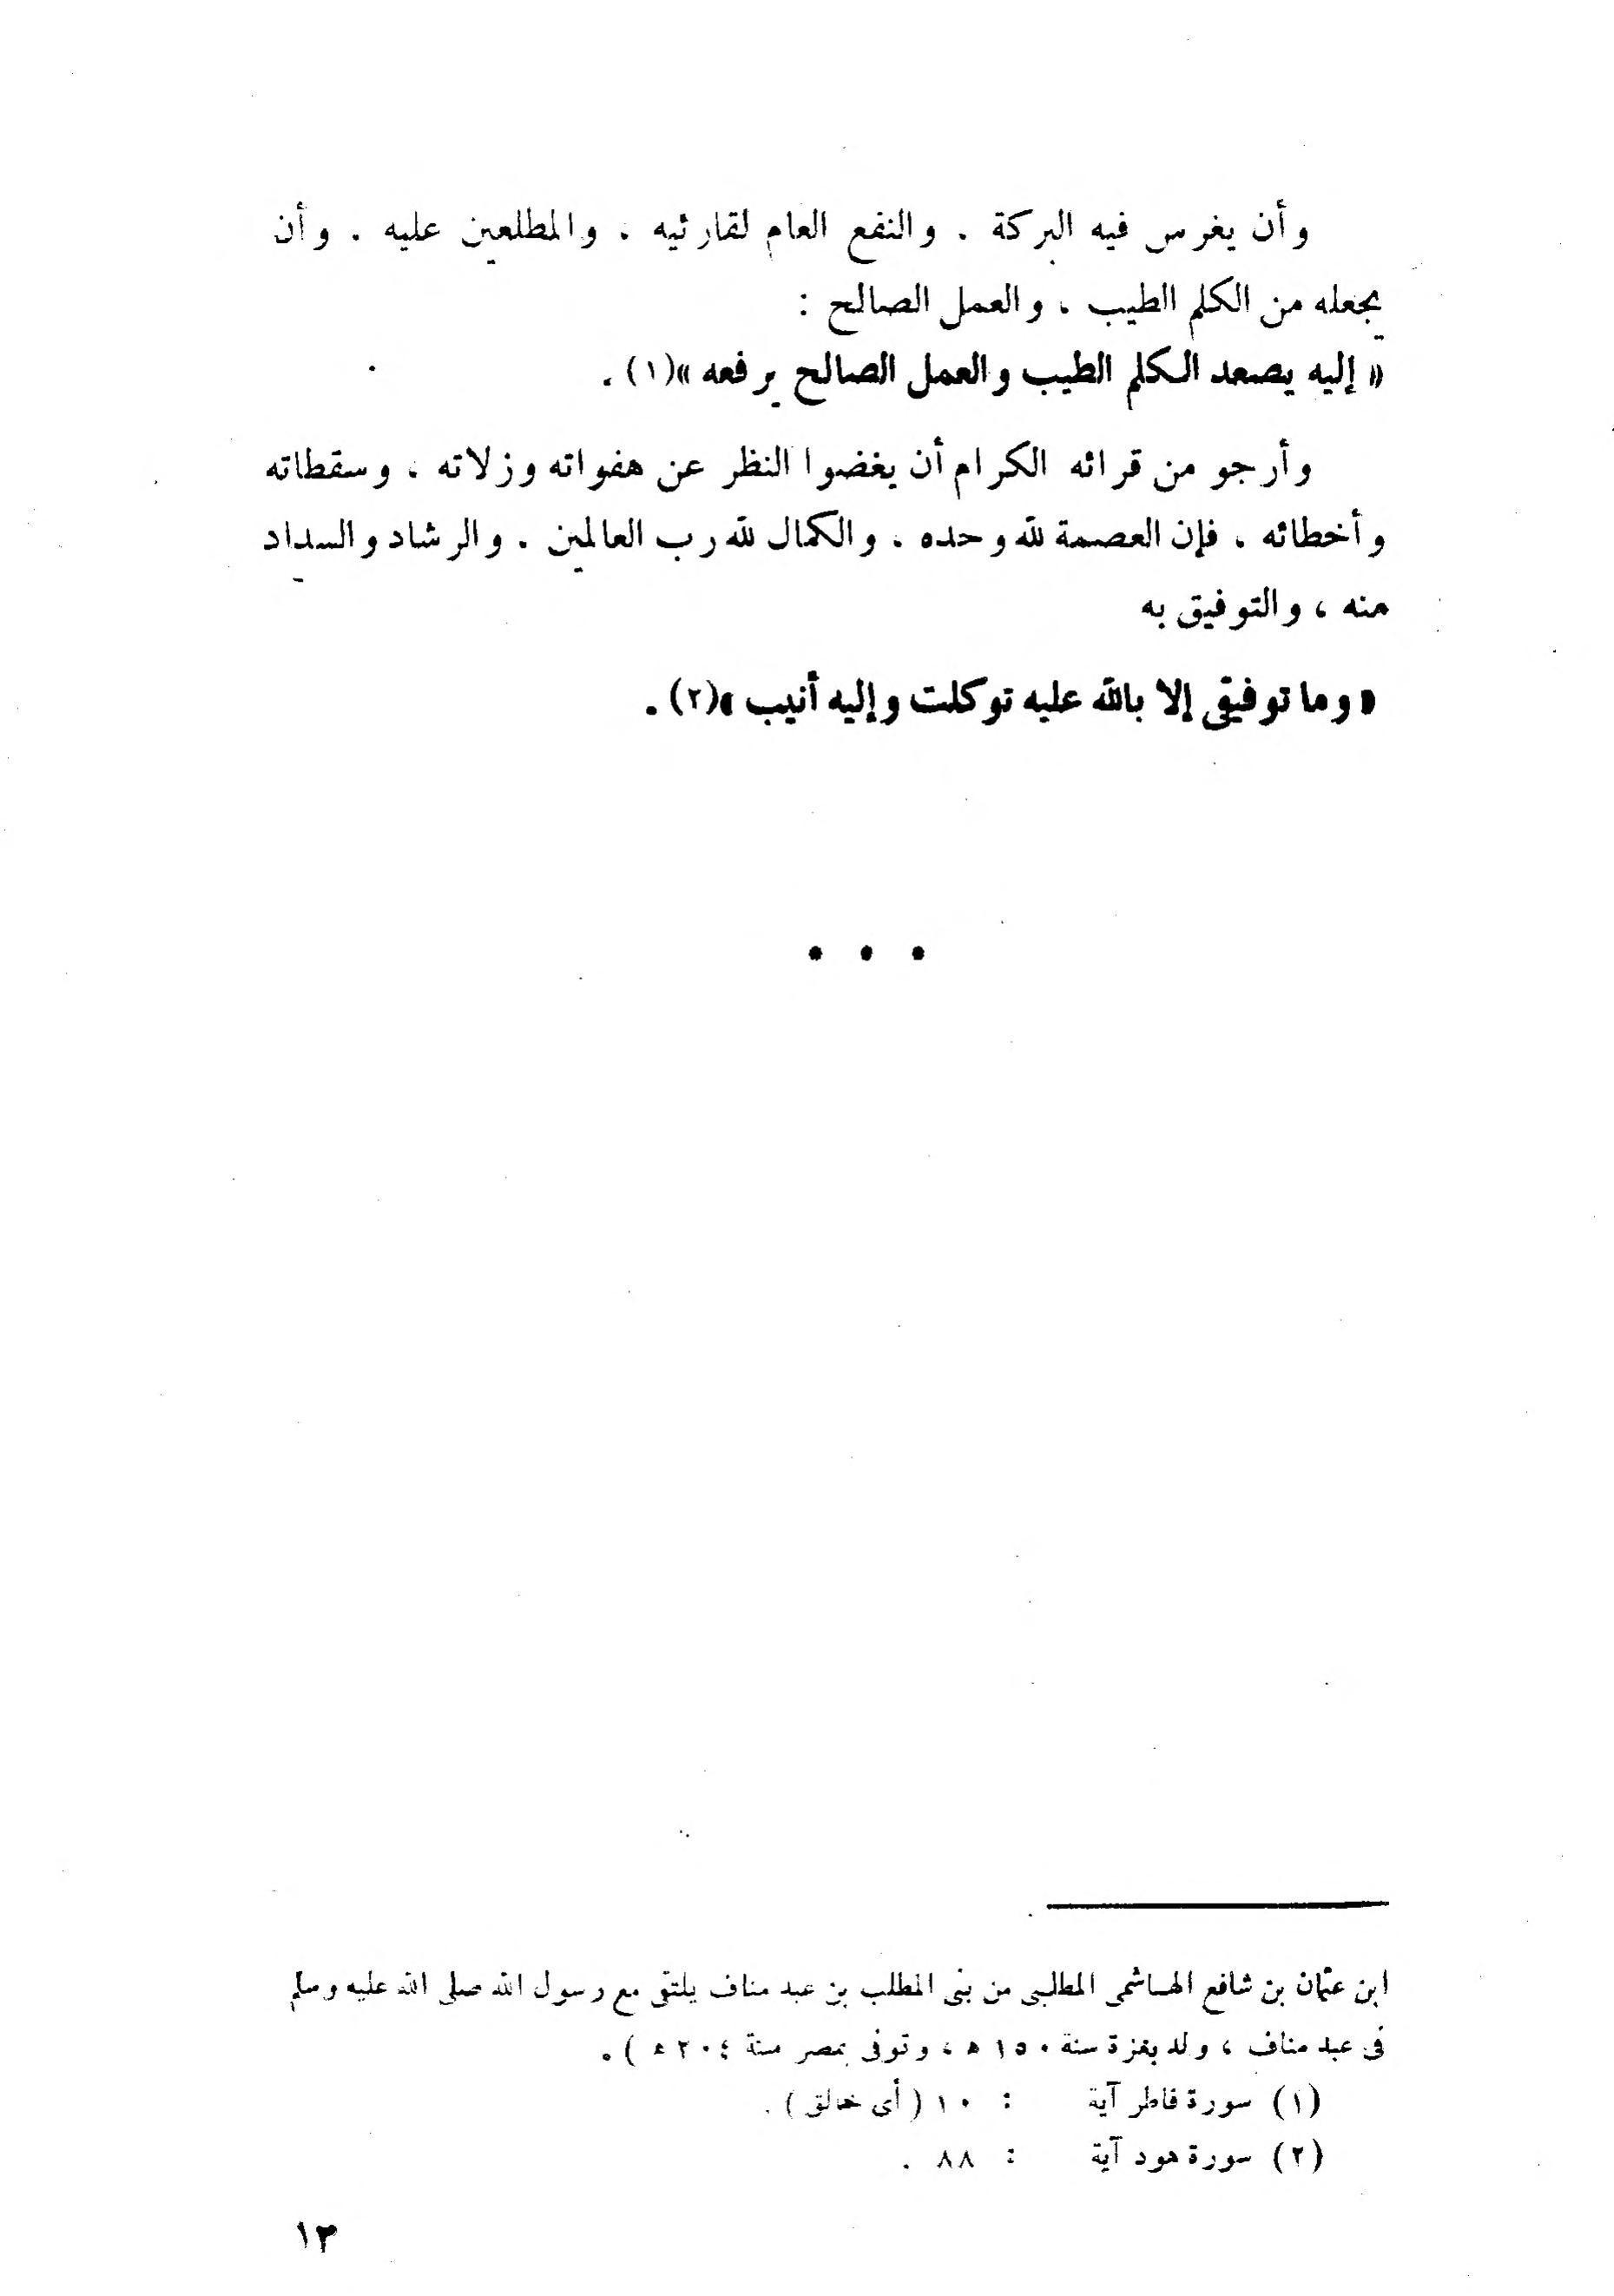 الحياة البرزخية من الموت الي البعث محمد عبدالظاهر خليفة Free Download Borrow And Streaming Internet Archive Arabic Quotes Quotes Texts